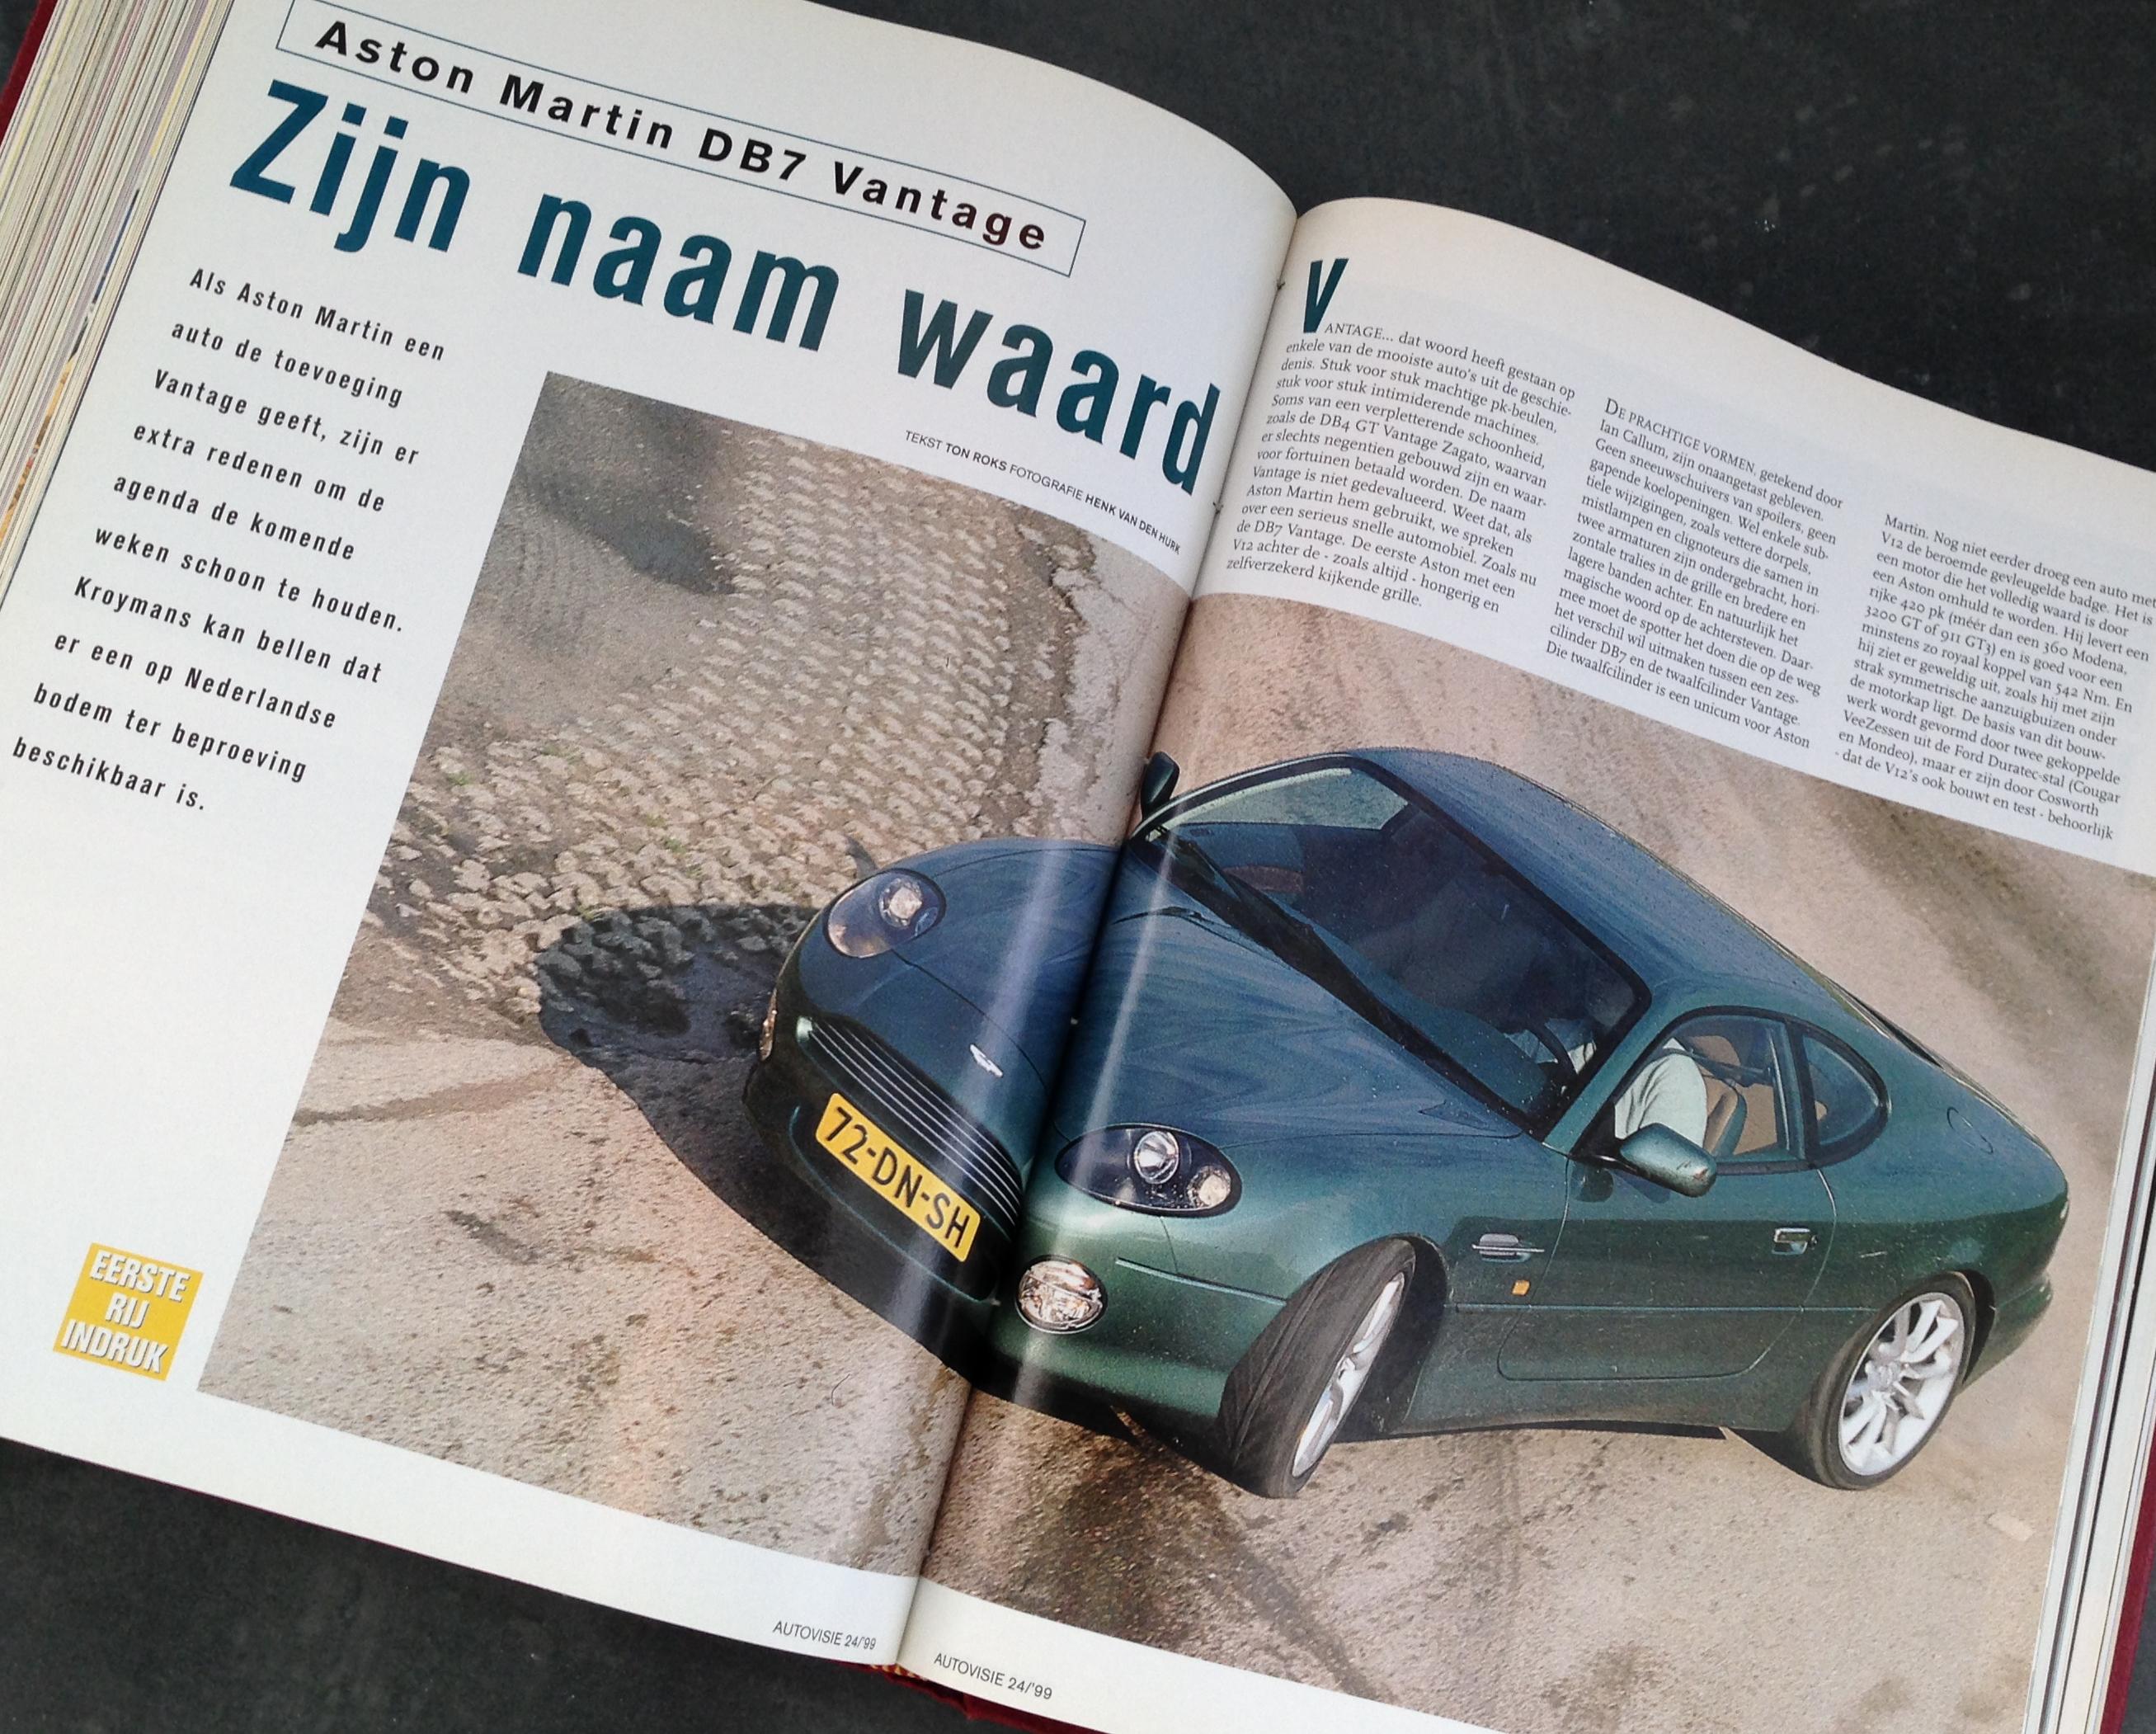 Rij-indruk Aston Martin DB7 Vantage, Autovisie 24, 1999